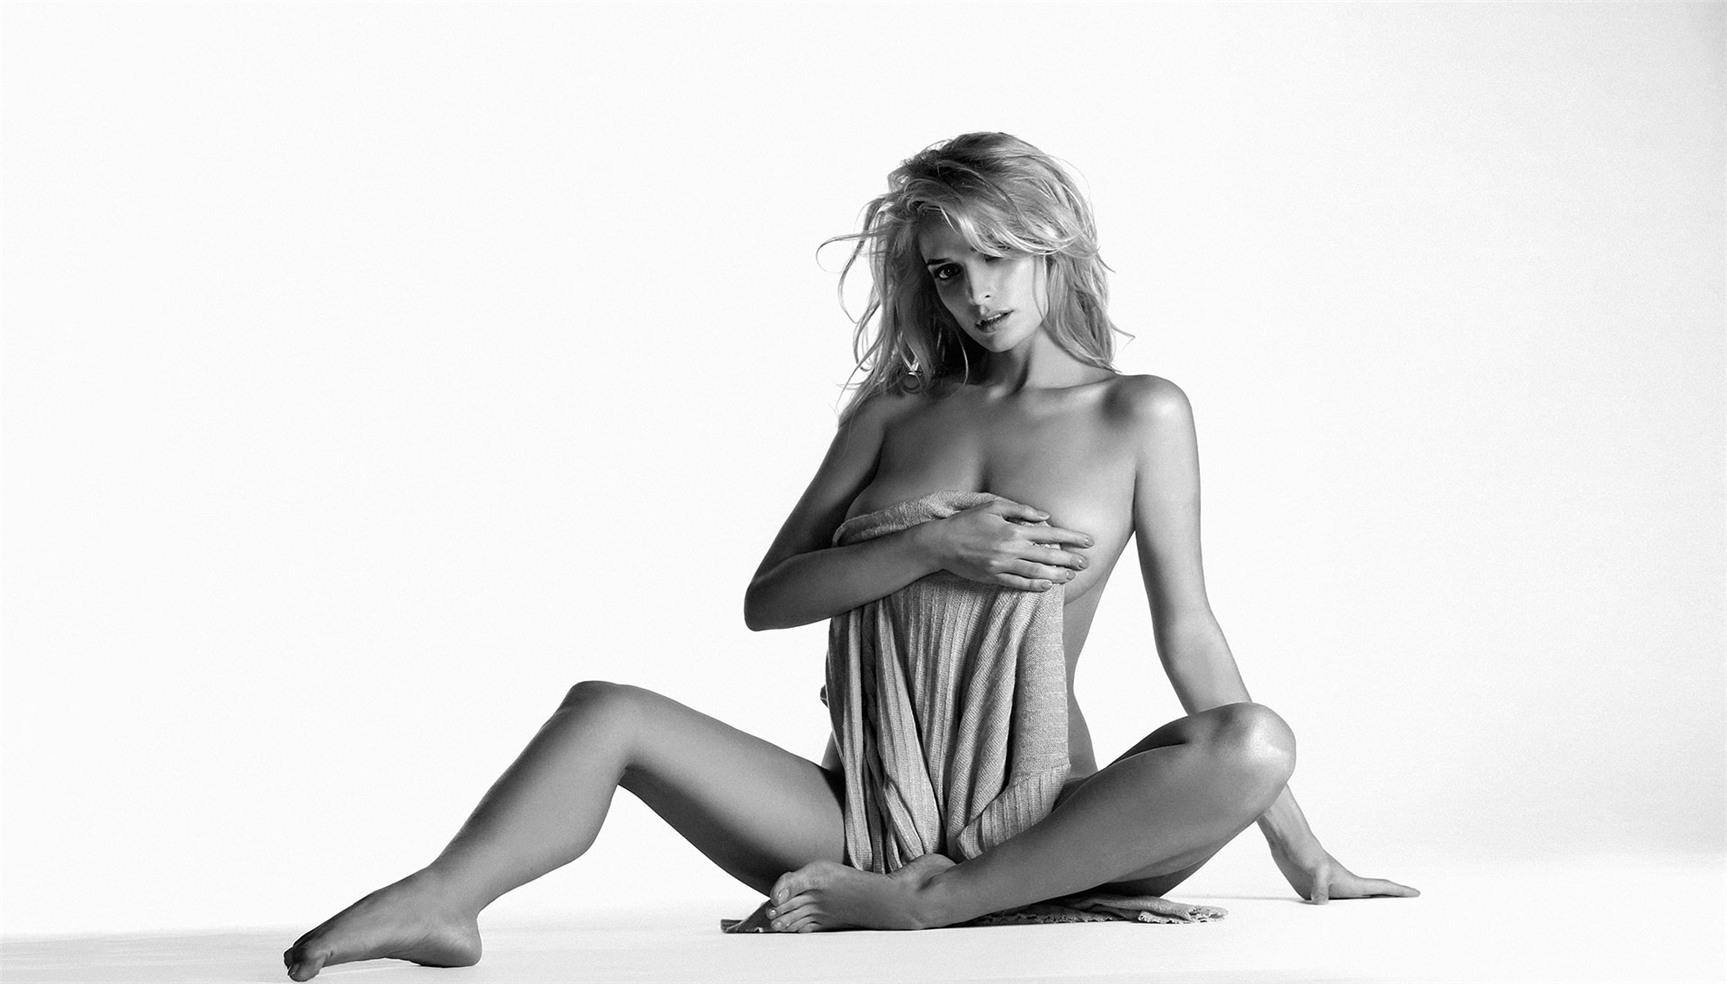 сексуальная Татьяна Котова в журнале Maxim октябрь 2013